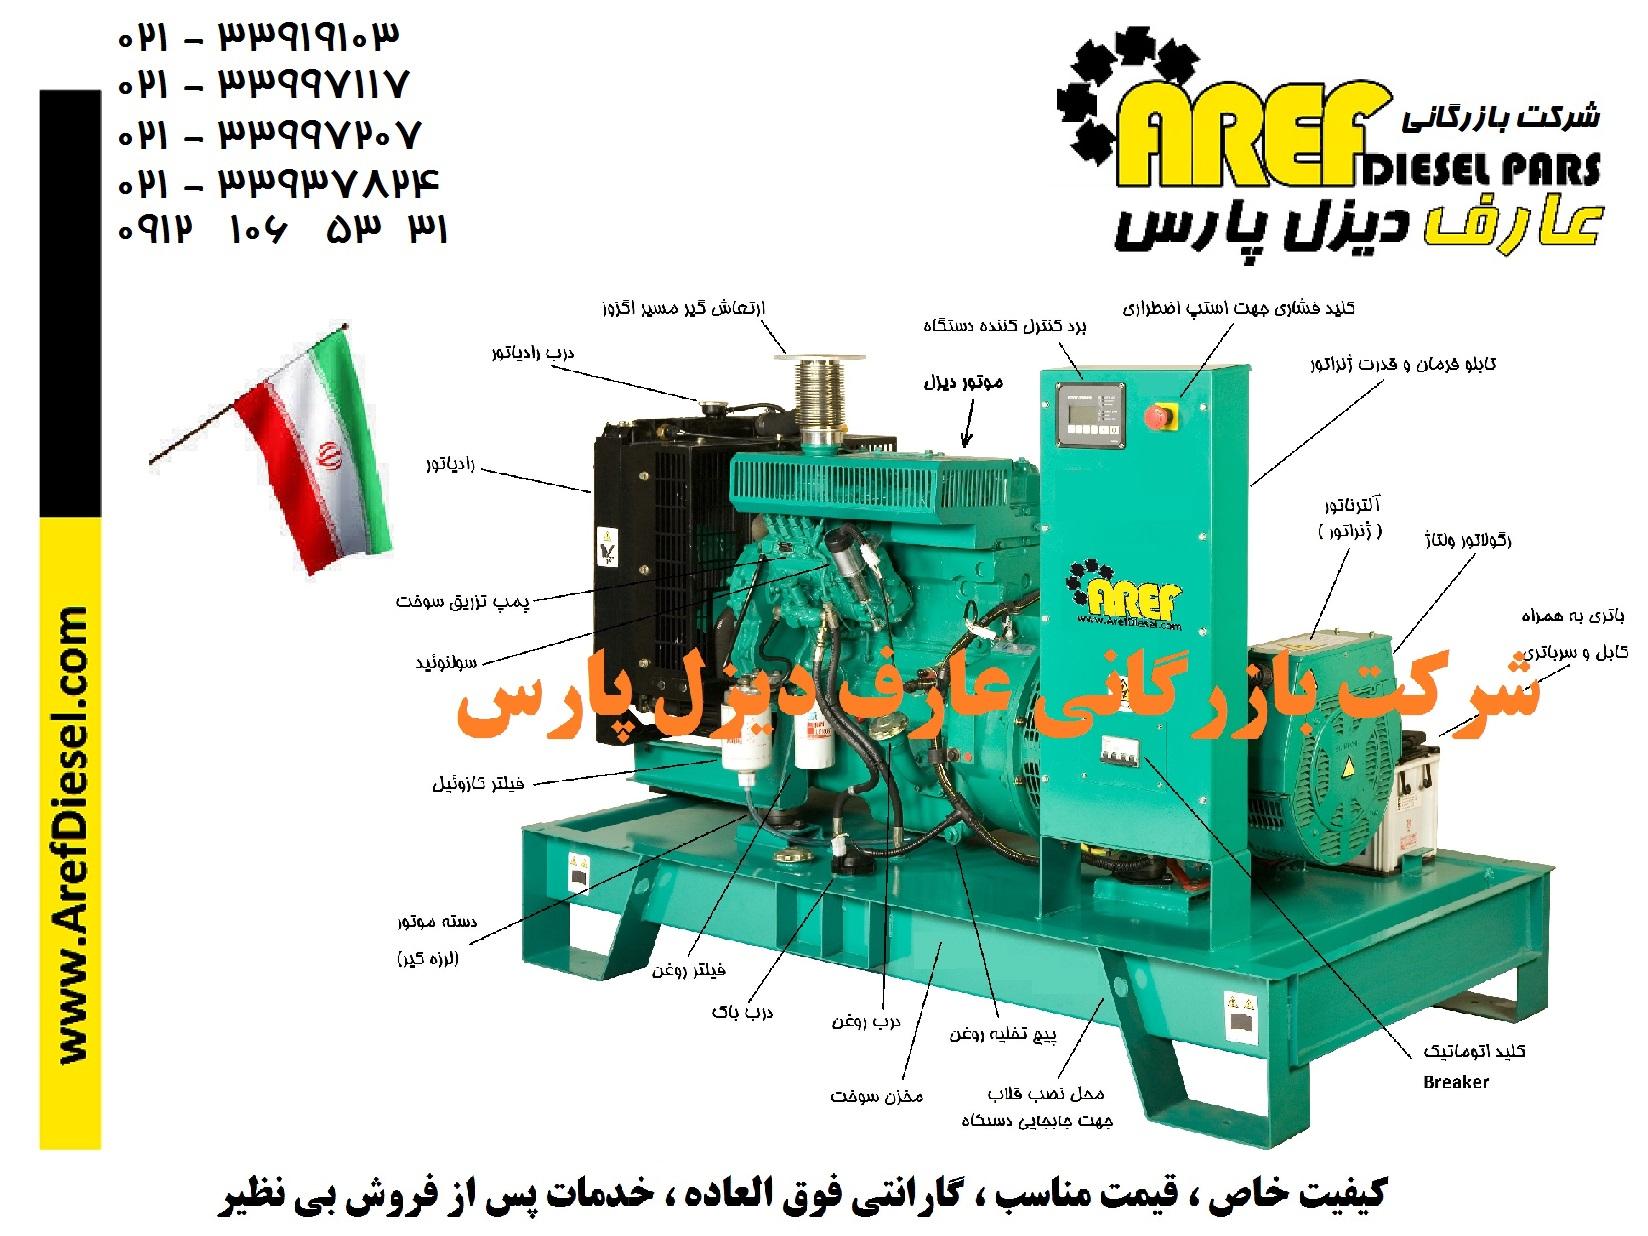 دیزل ژنراتور ایرانی ساخت ایران تولید ملی عارف دیزل پارس